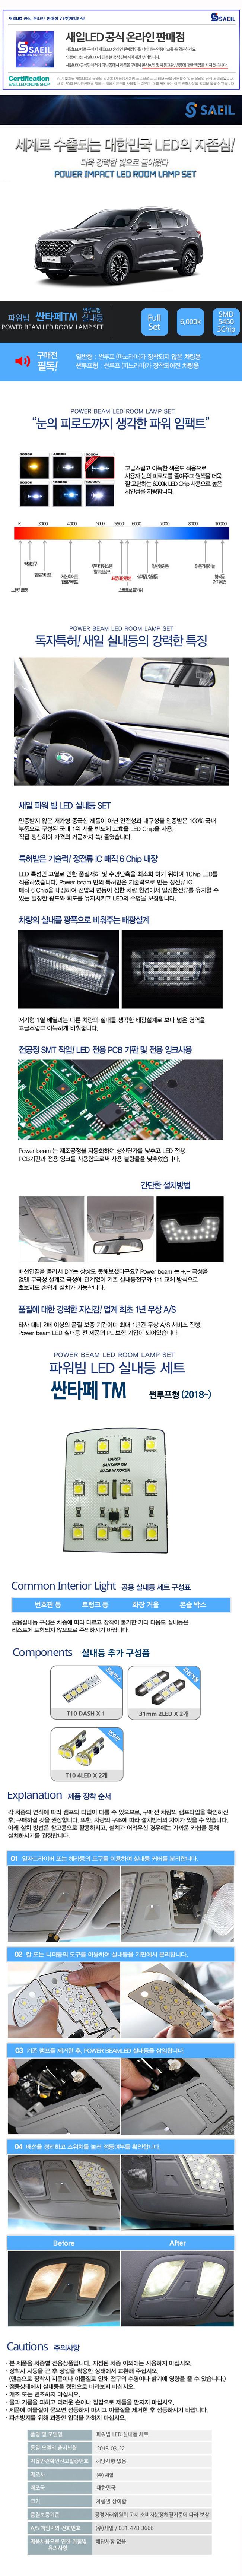 [파워빔] 새일 LED실내등 고급형 풀세트 _ 싼타페TM 번호판등 화장거울등 글로브박스등 포함 실내등